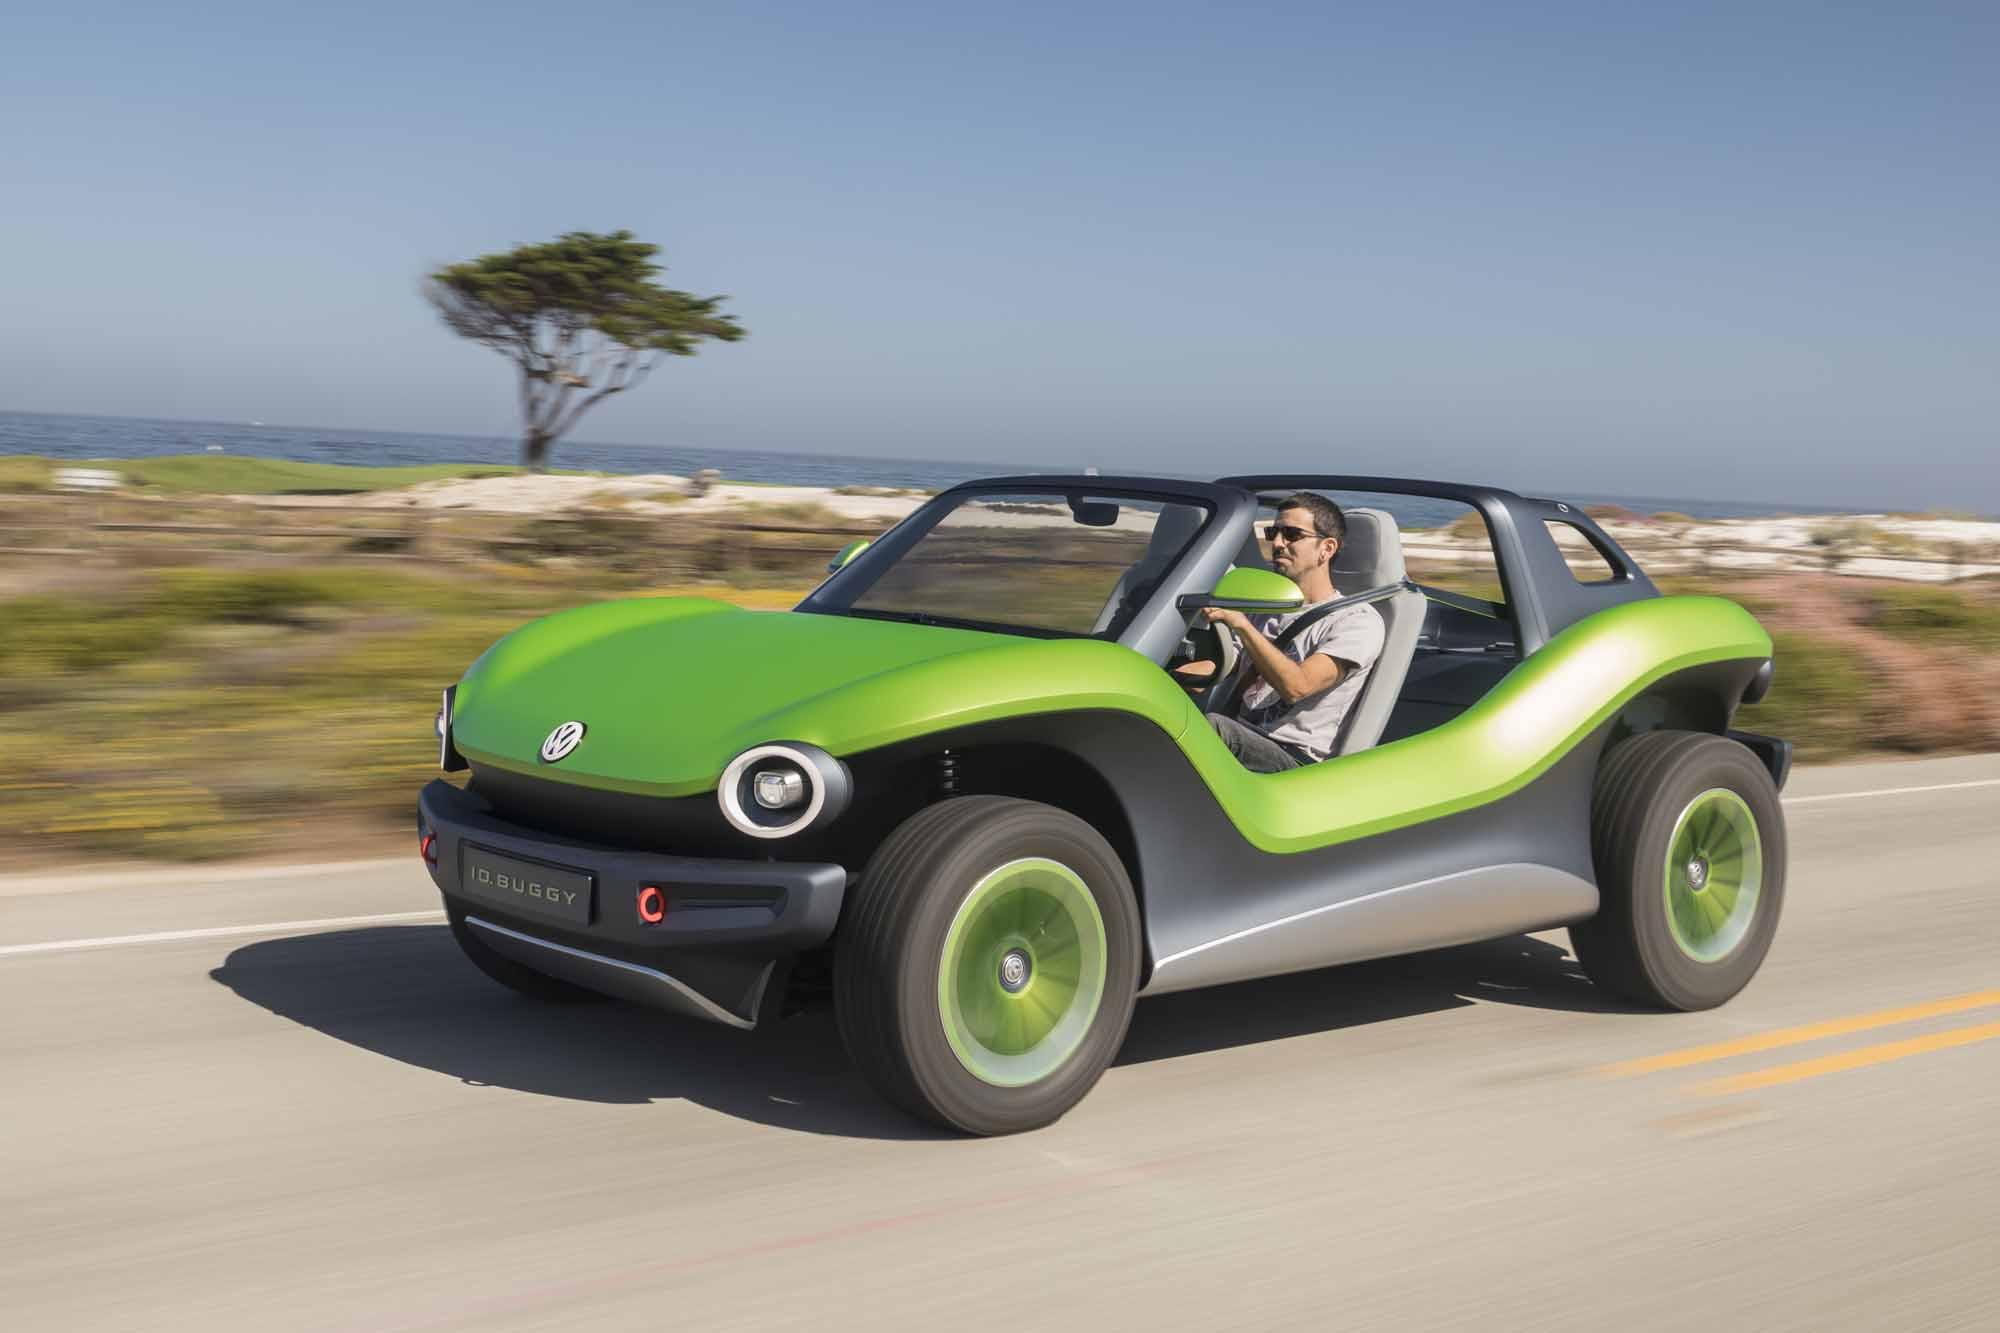 2019 Volkswagen I.D. Buggy